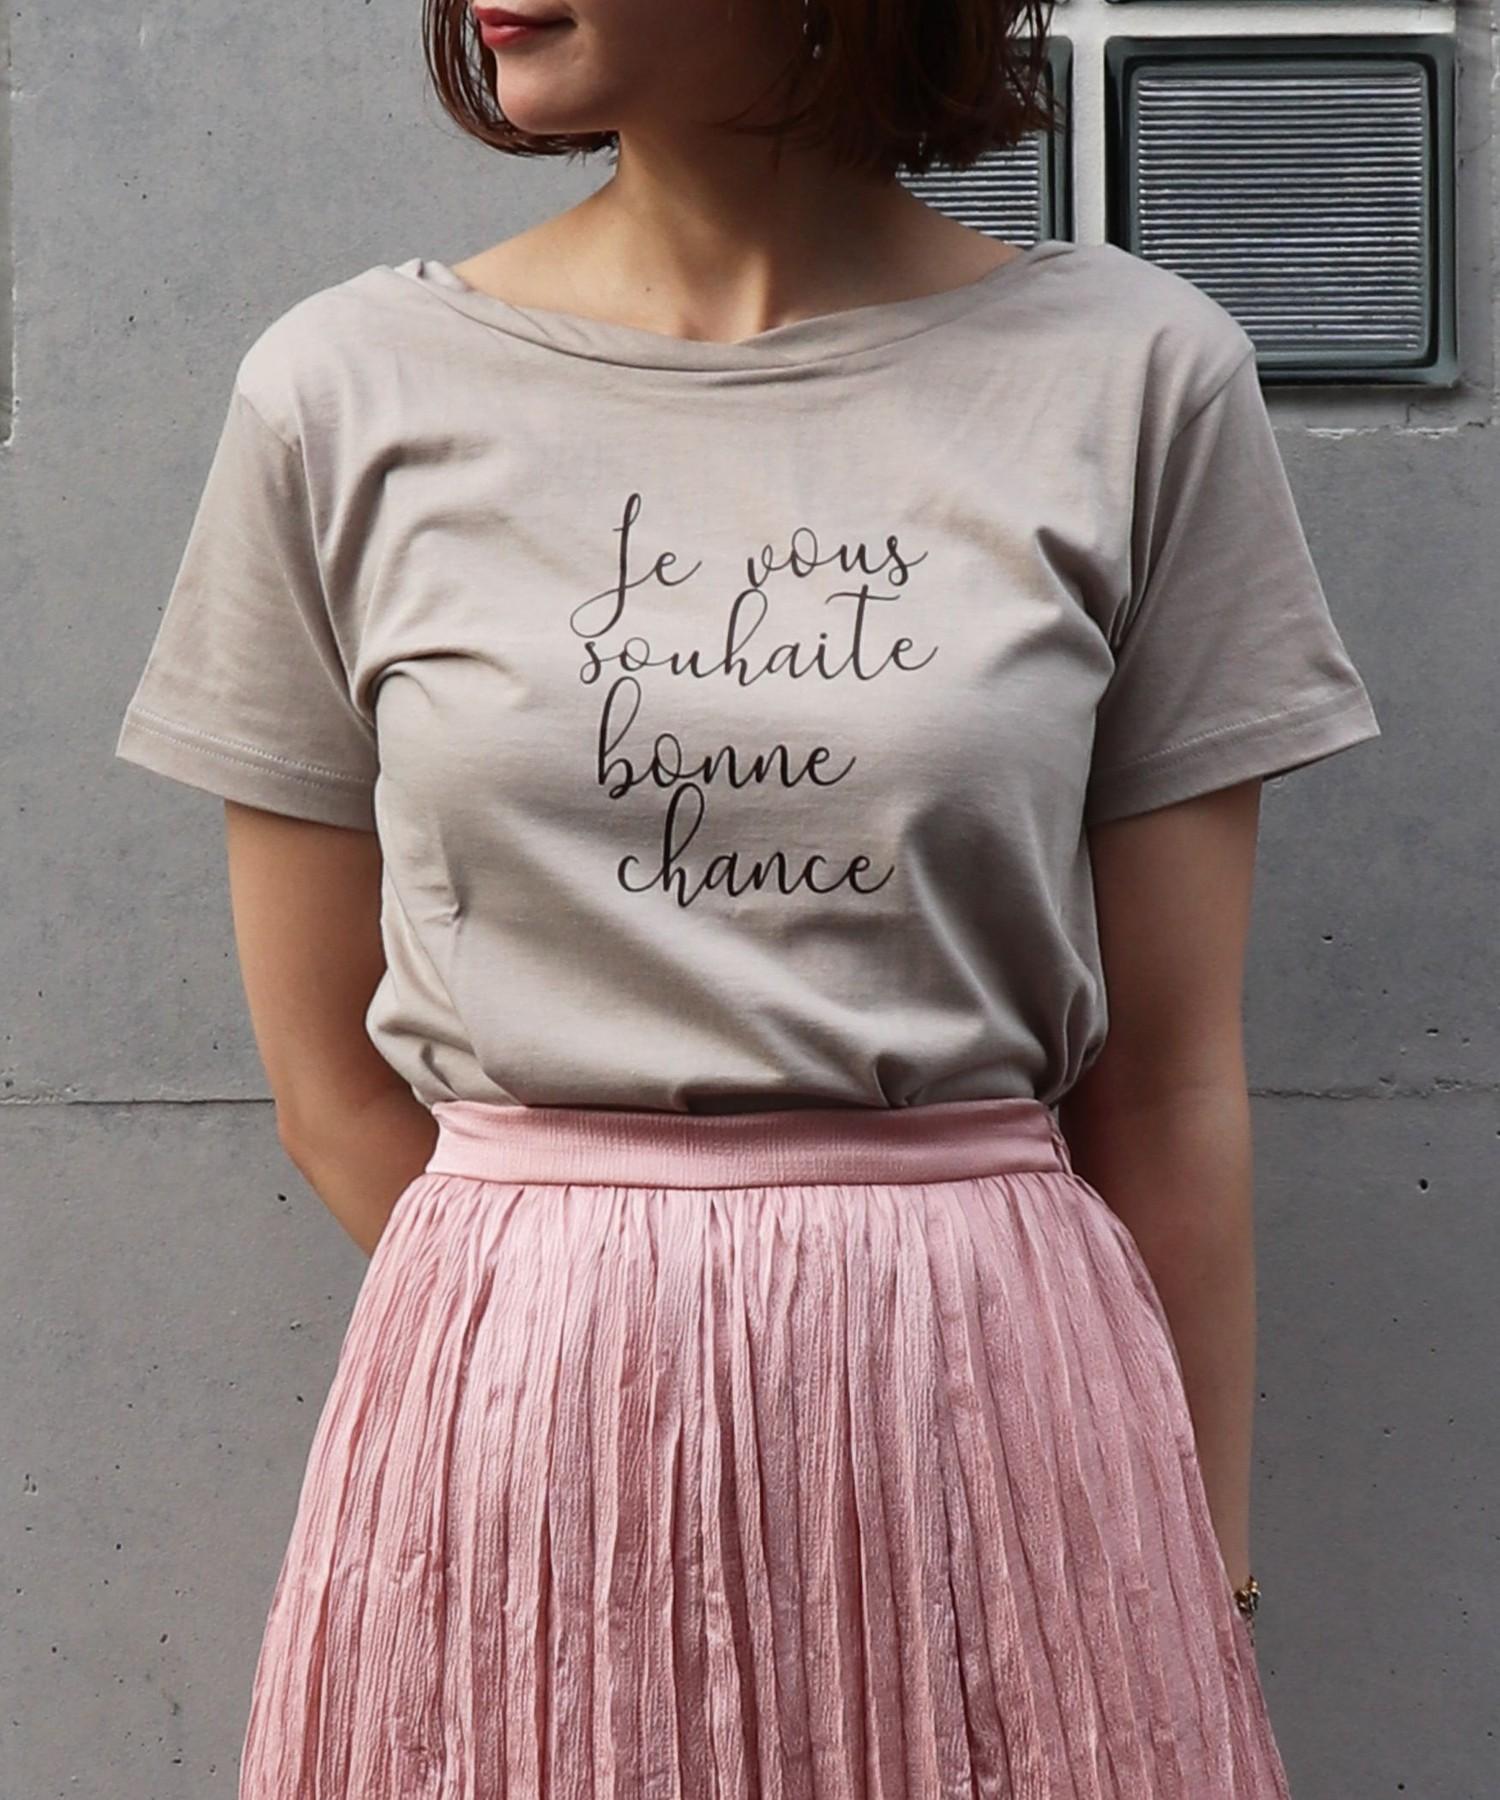 ツイストネックプリントTシャツ